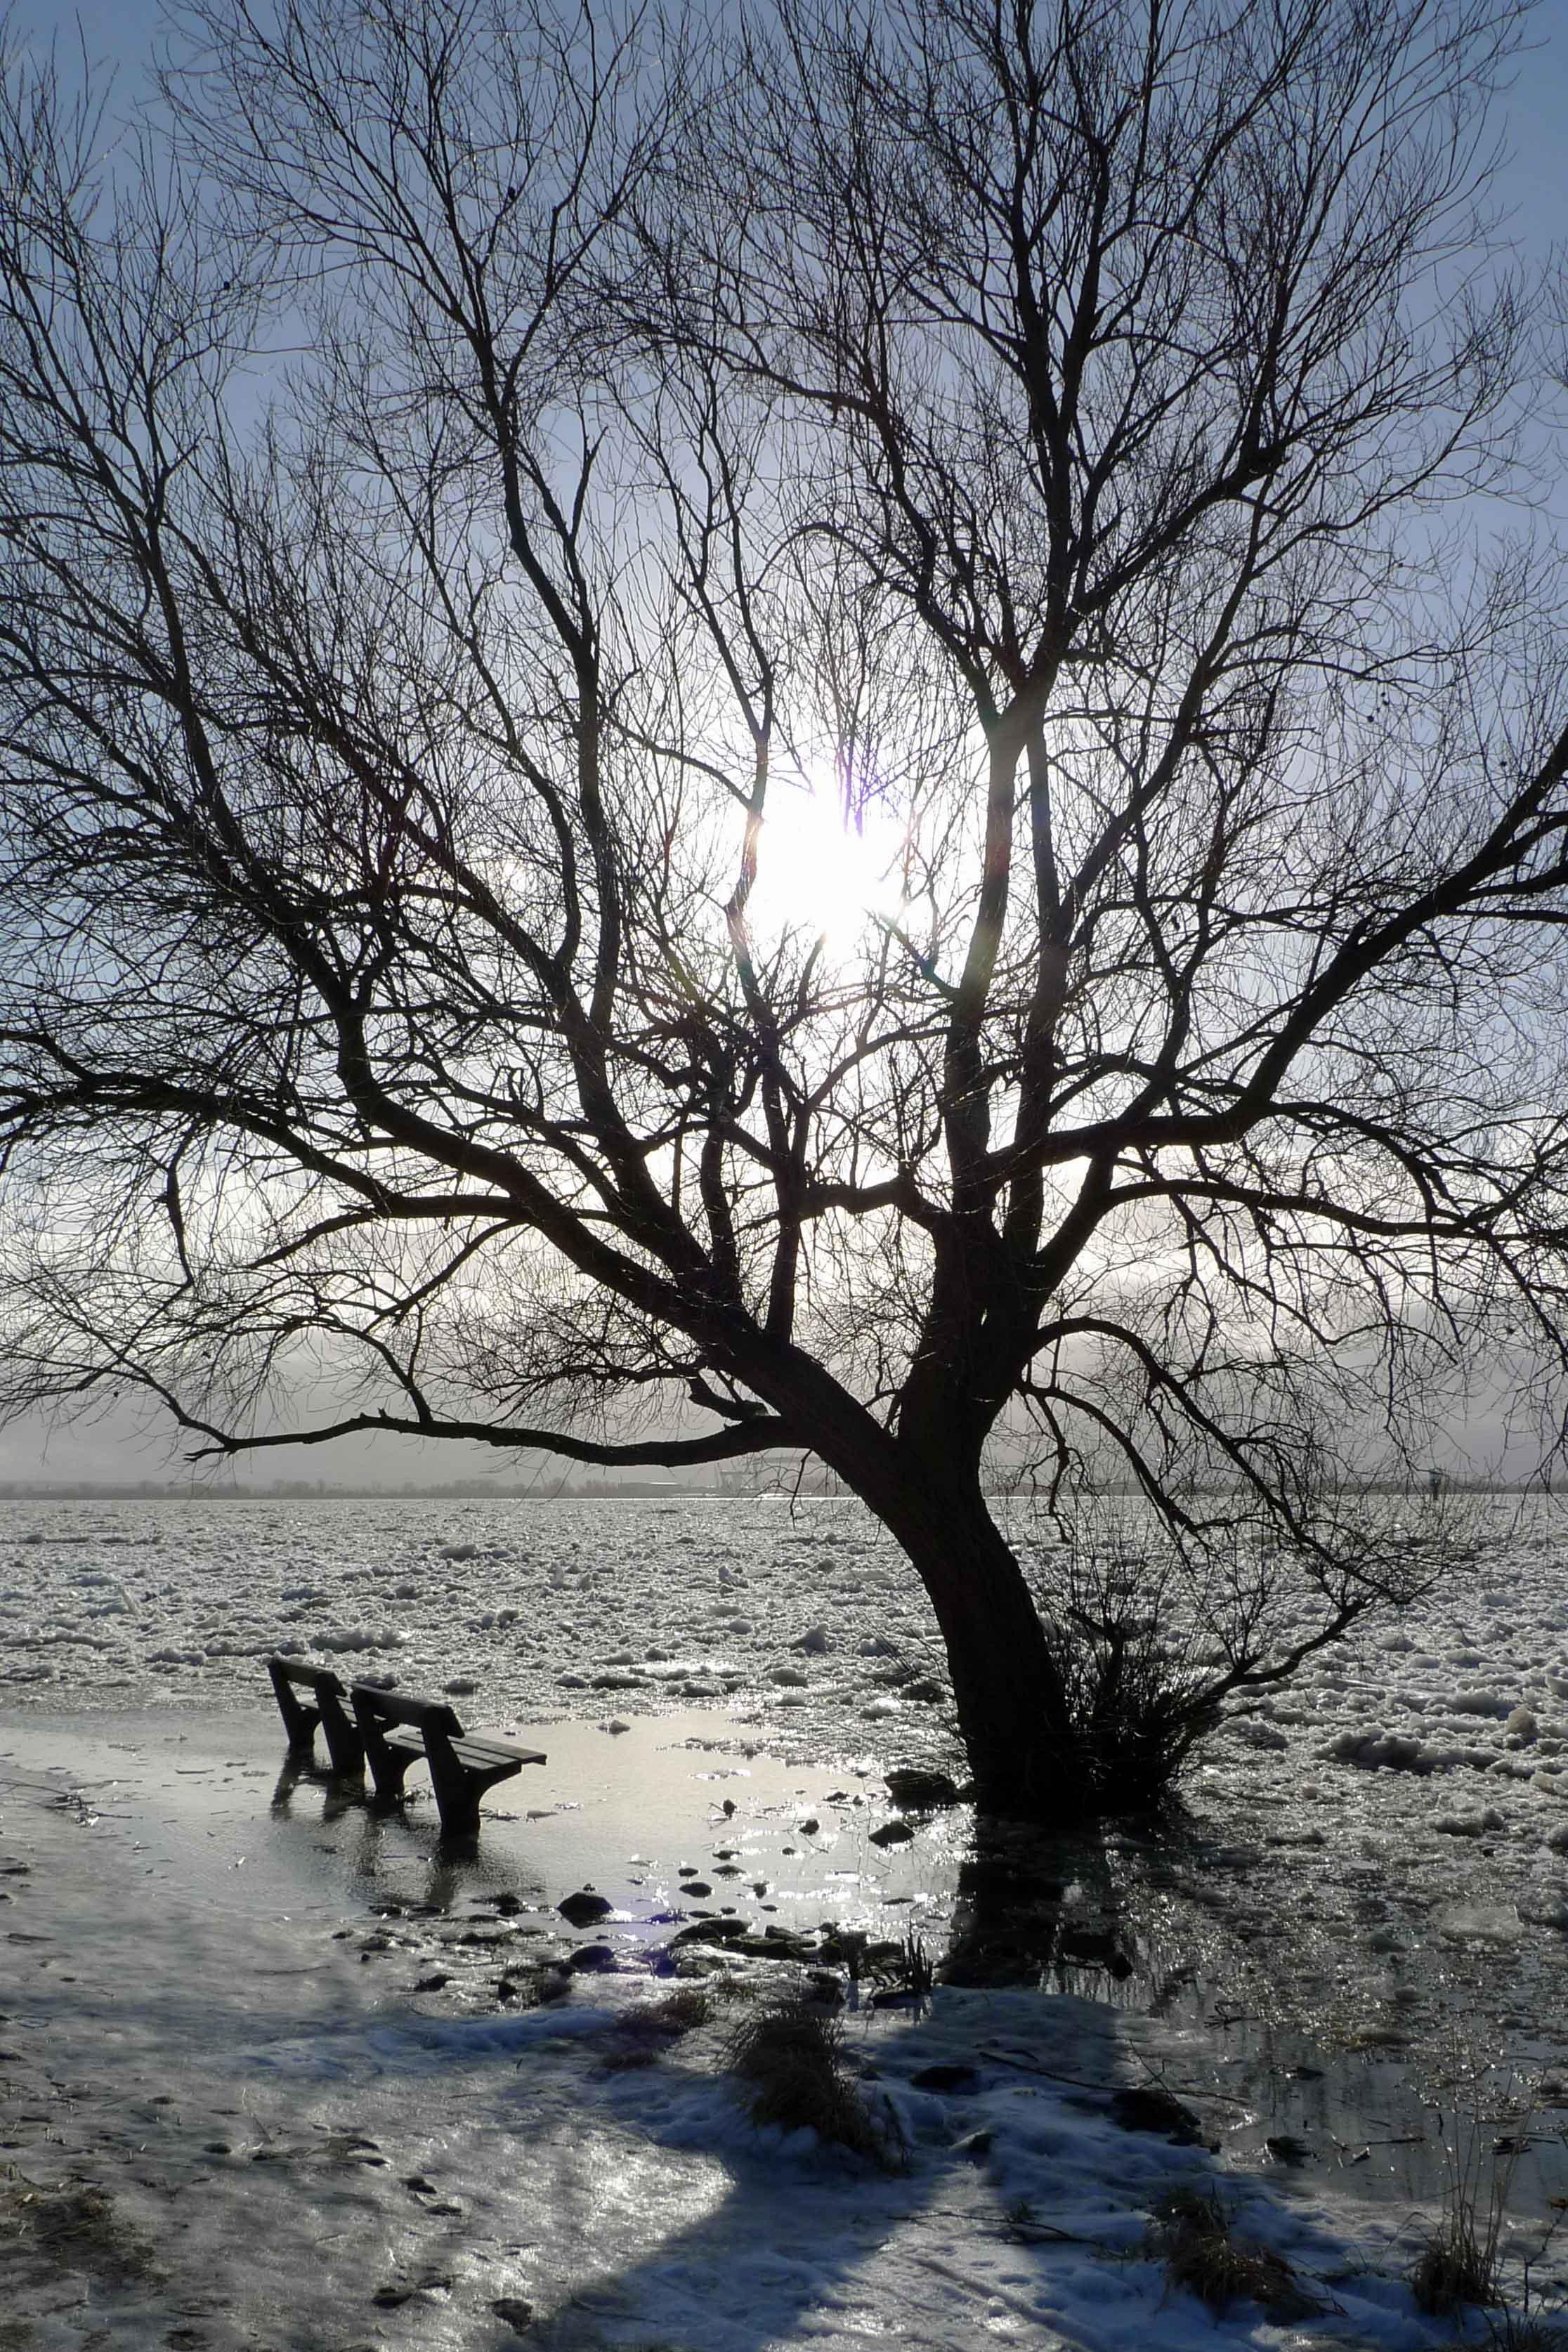 Winteridylle an der Elbe. Nur mein Hund Julchen kann das nicht leiden, weil sie wegen der Eisschollen nicht baden und tauchen kann